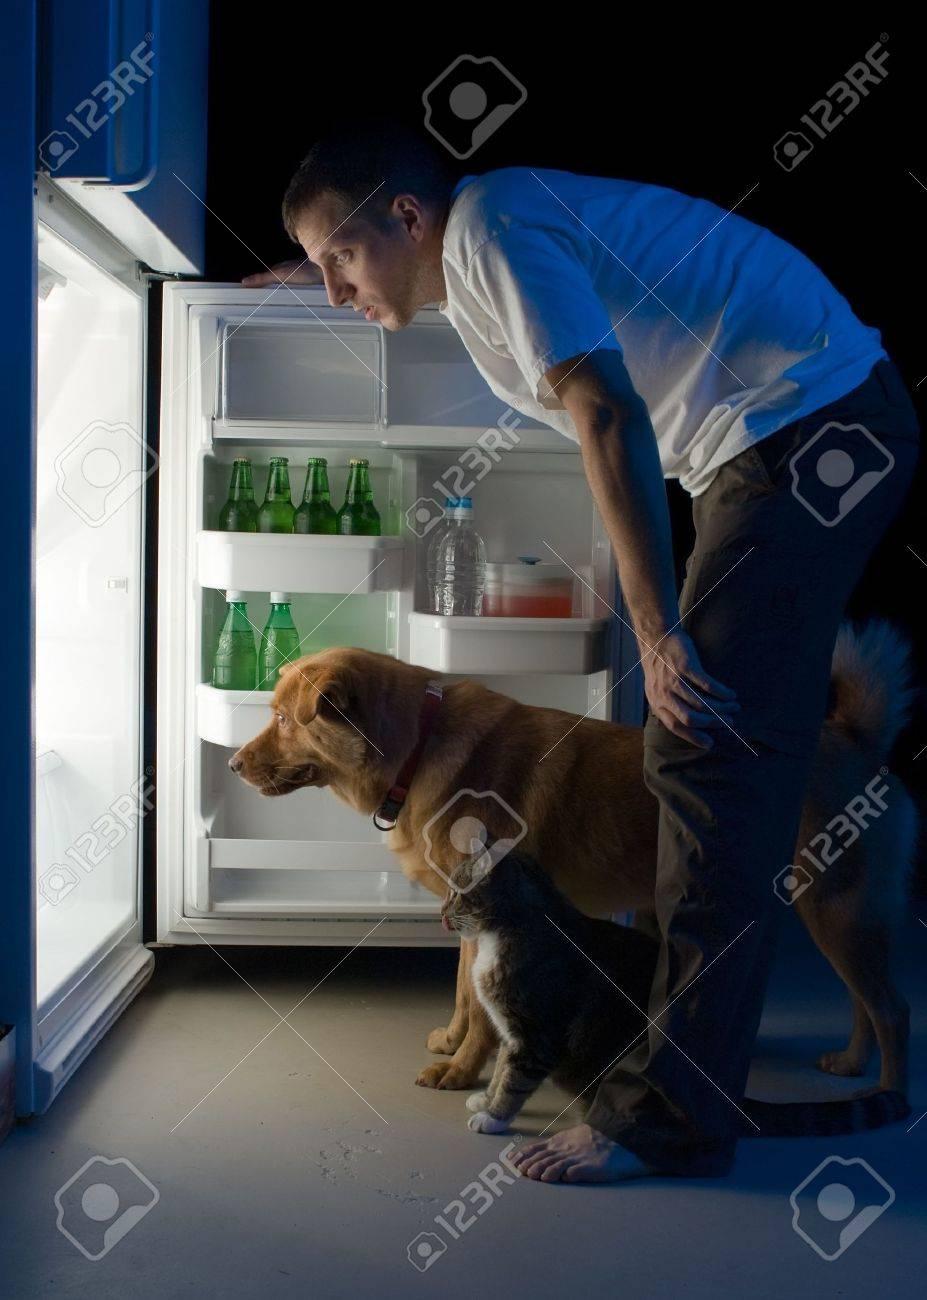 Der Mensch Und Seine Haustiere Suchen Für Lebensmittel In Den ...